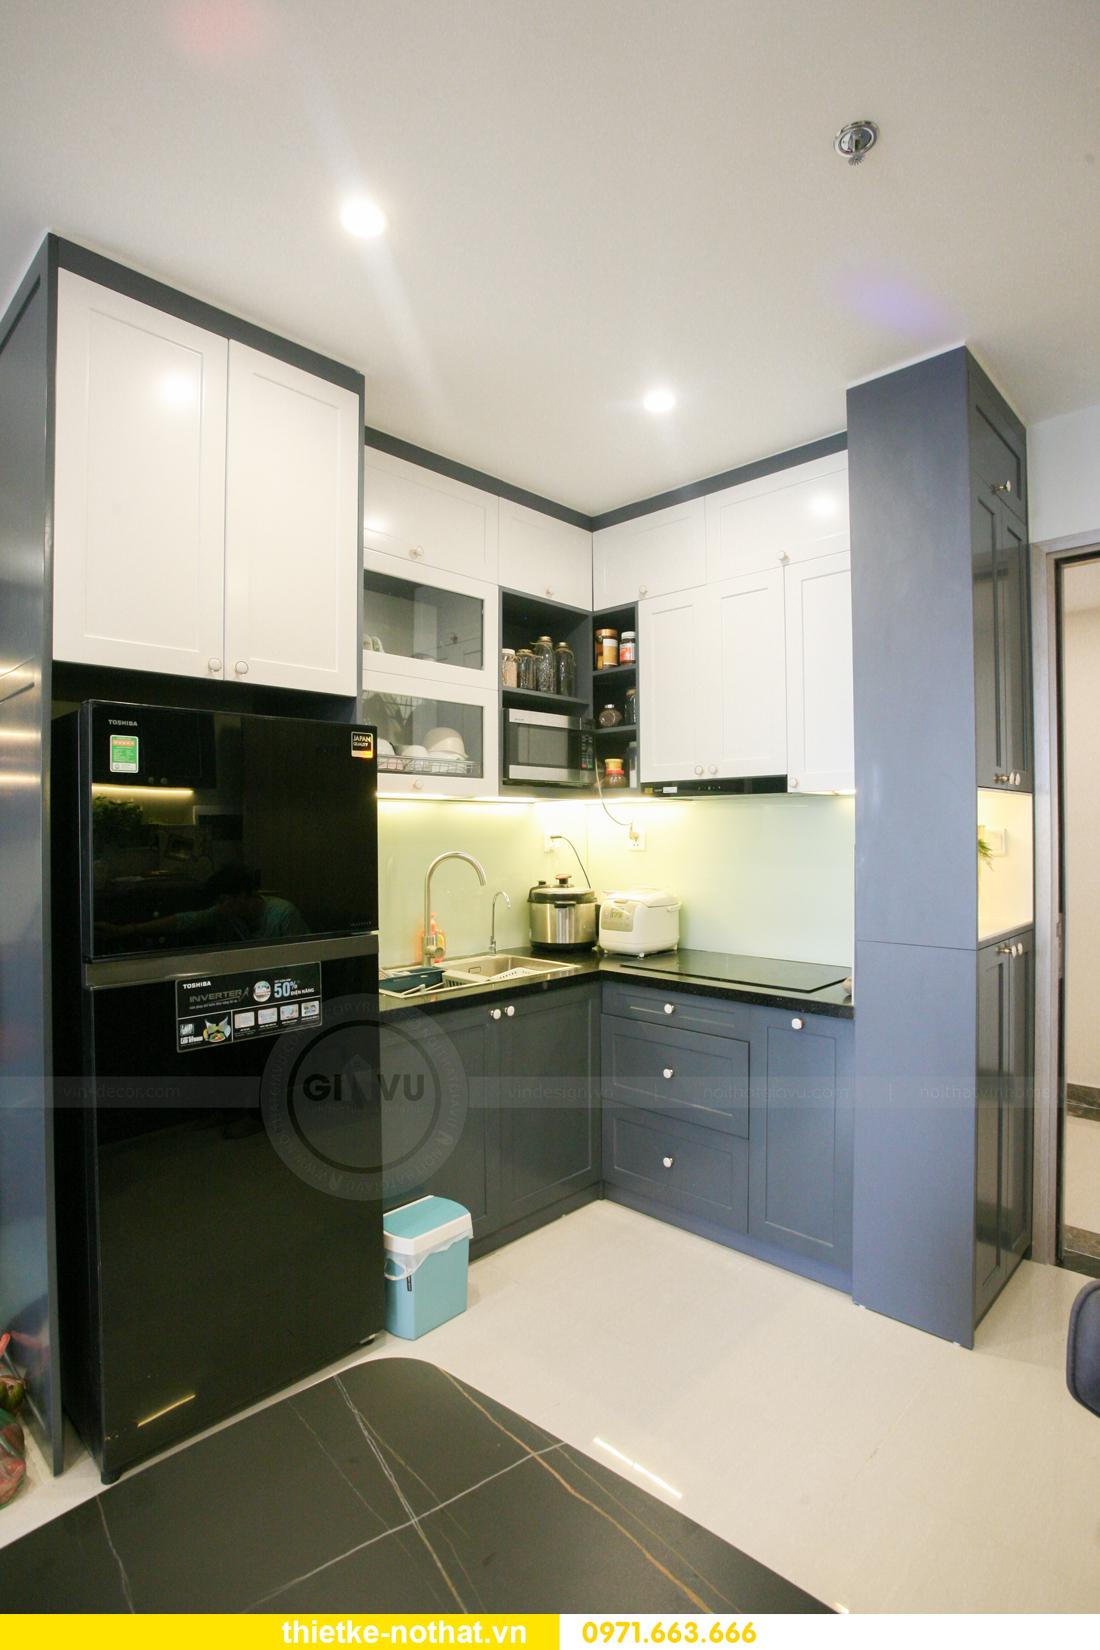 thi công nội thất căn hộ Vinhomes Smart City nhà anh Hân 3